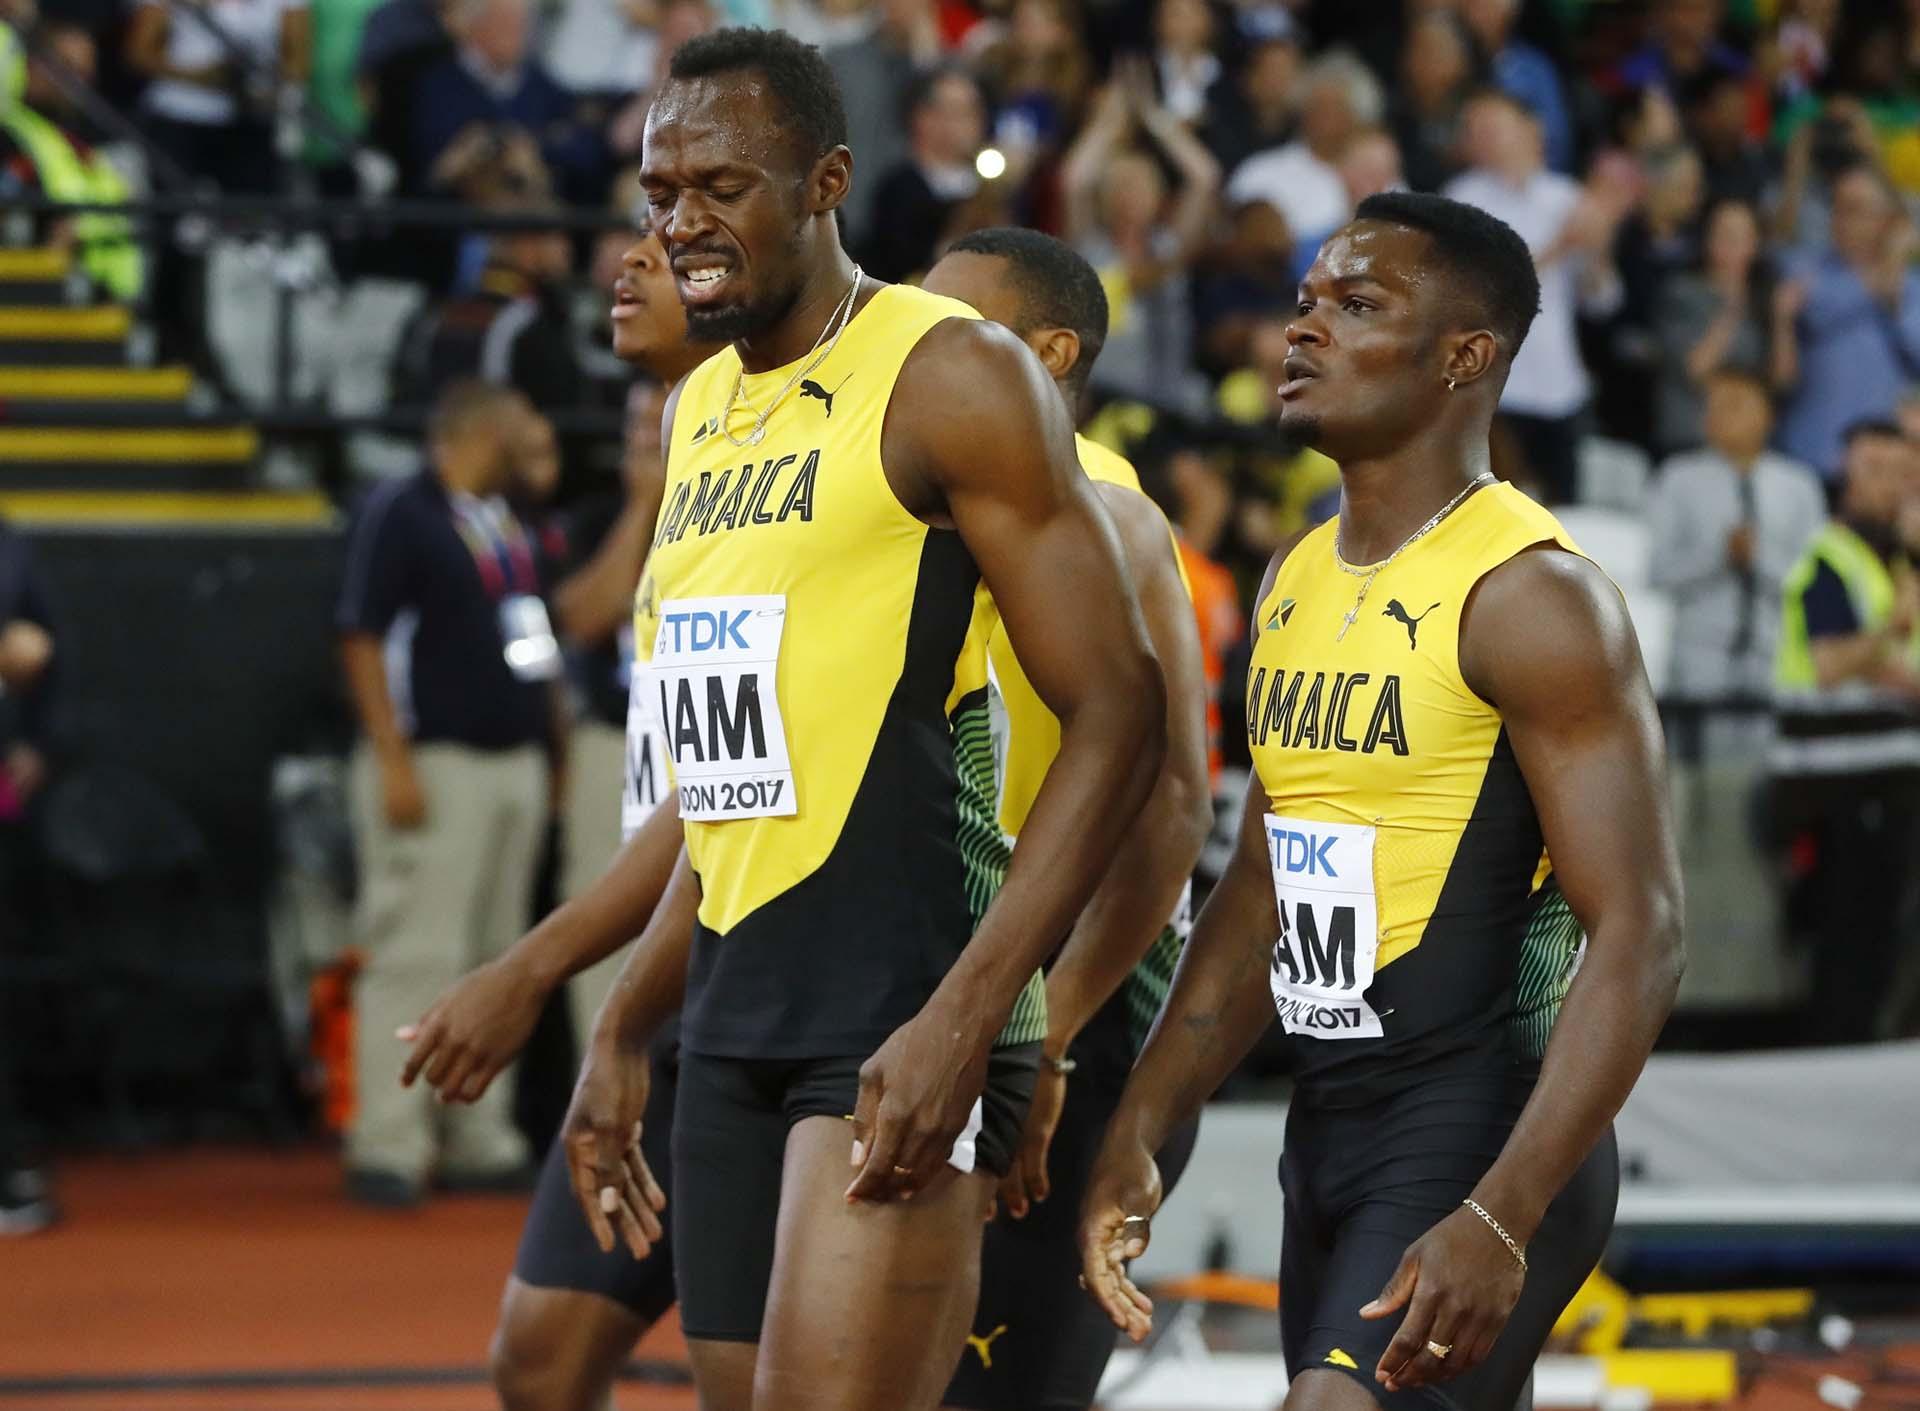 En la clasificación, Jamaica había hecho un tiempo de 37,95 segundos